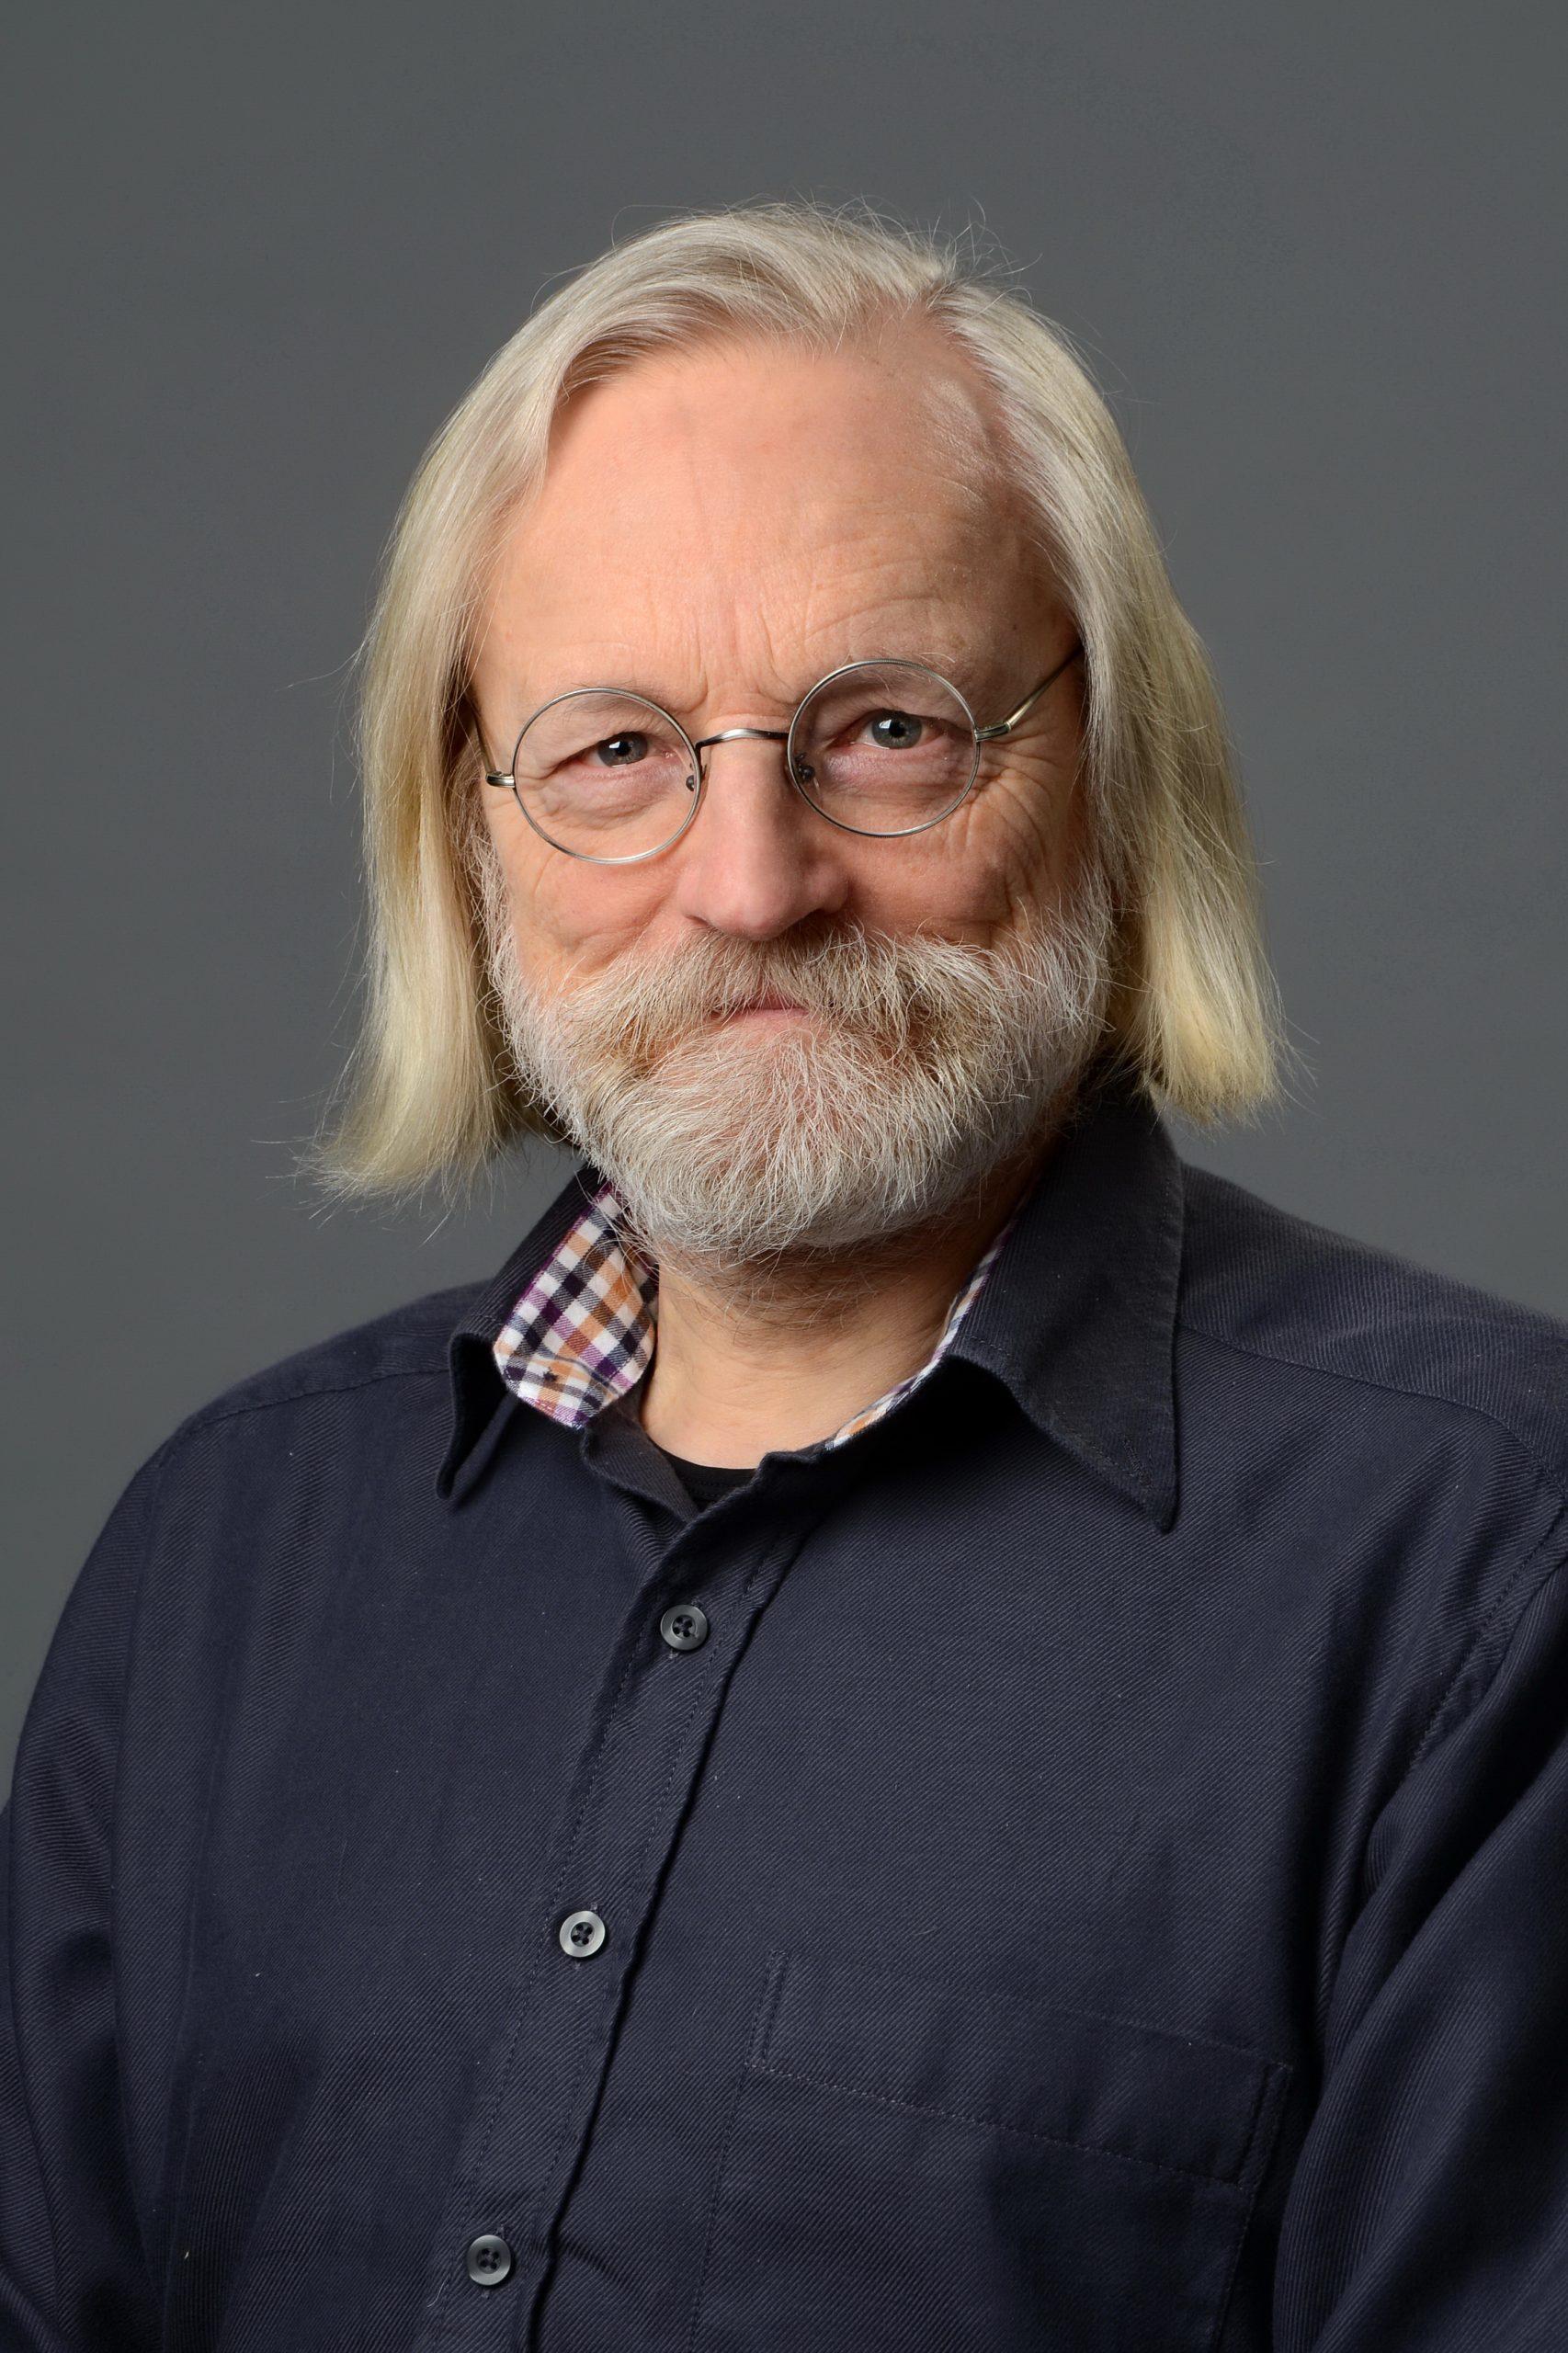 Jürgen Körber